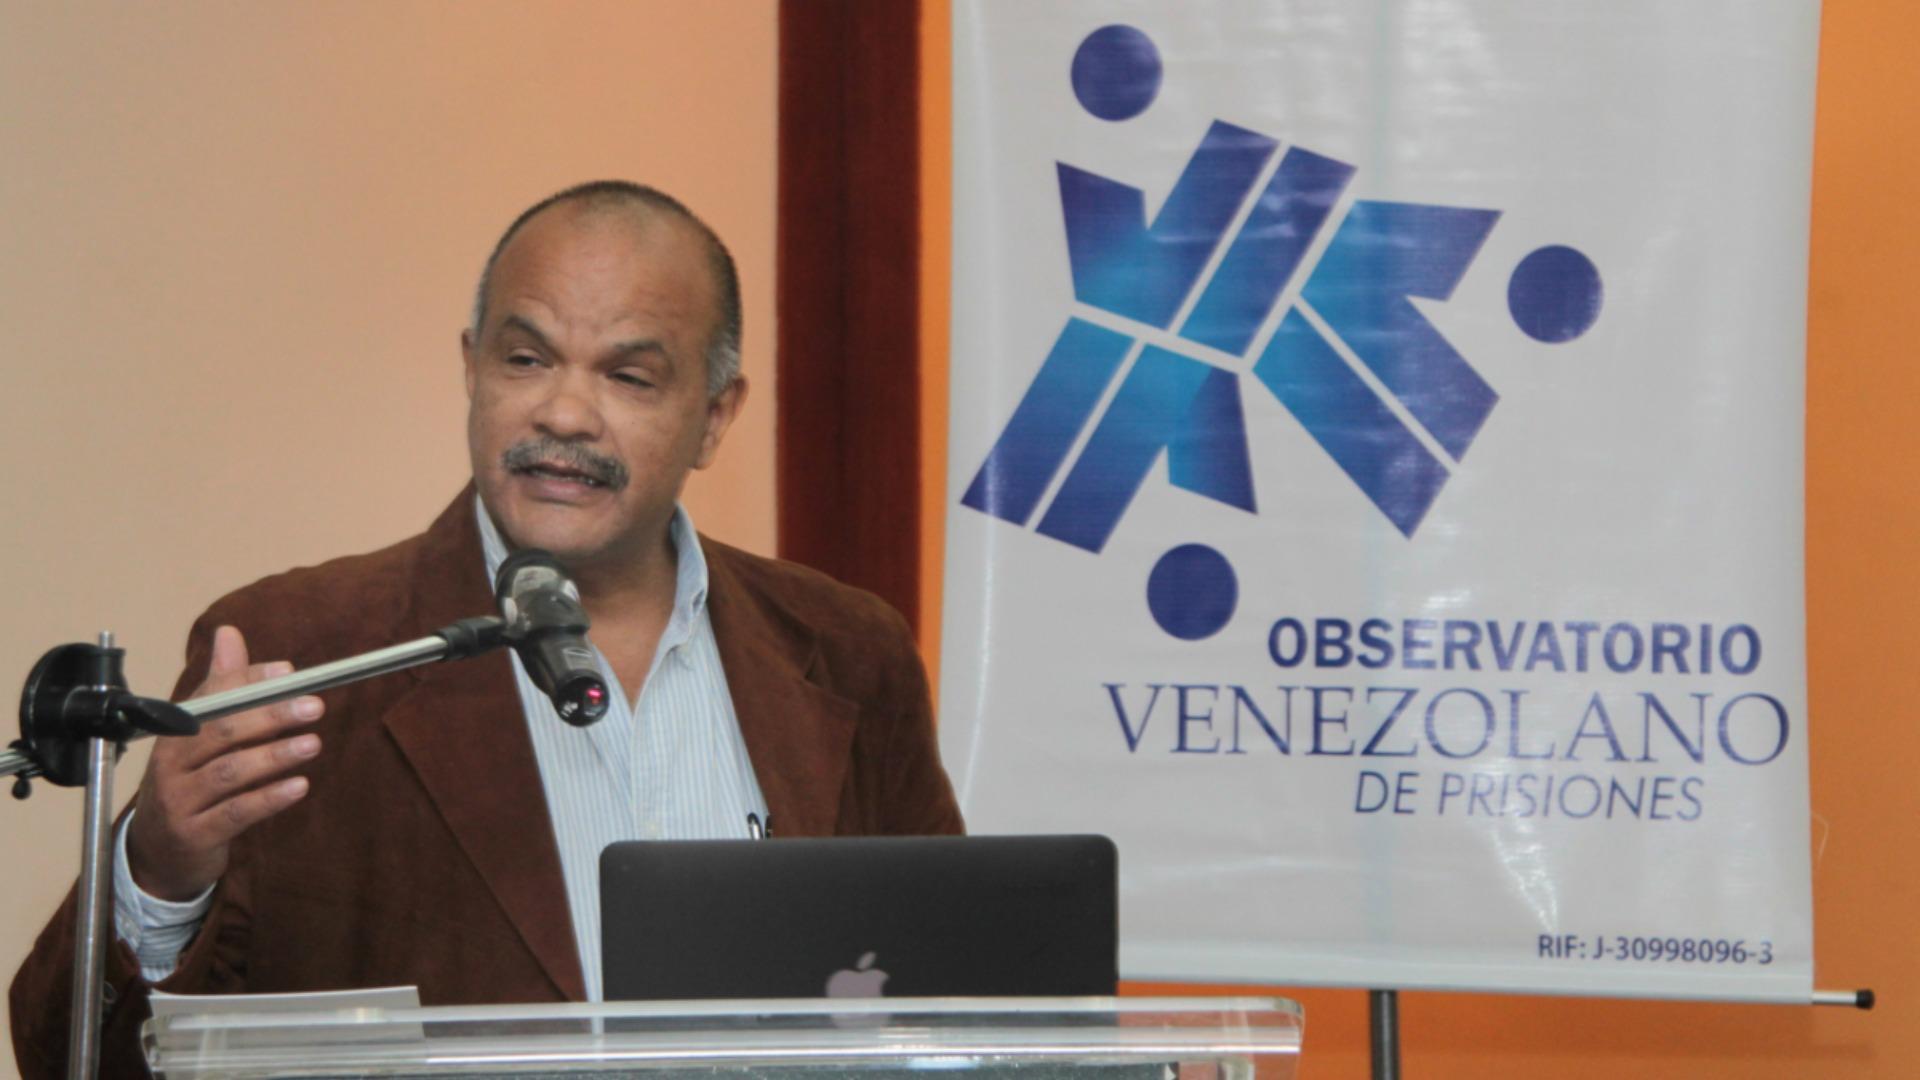 Humberto Prado denuncia ante la CIDH atentado contra Guaidó